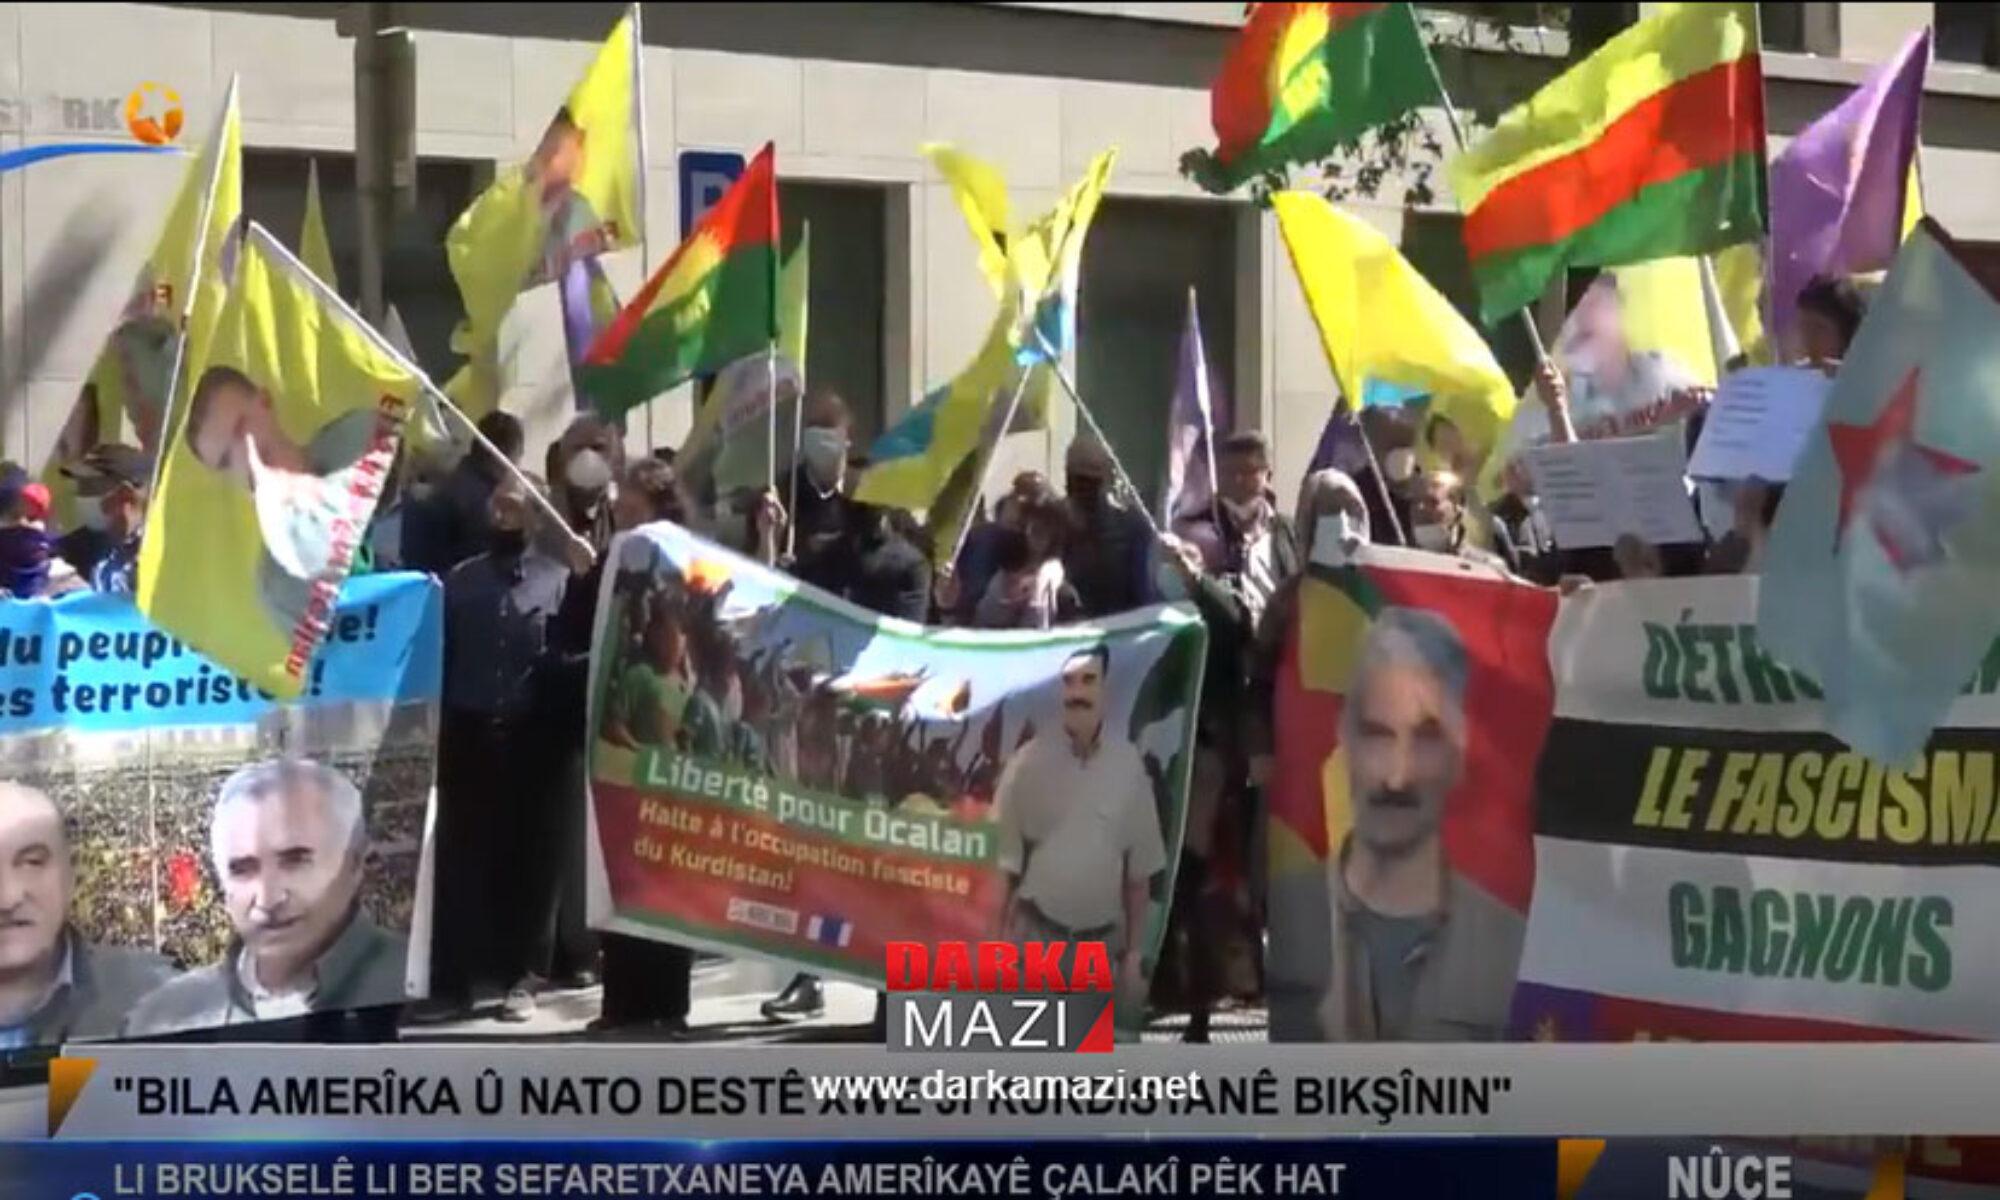 NATO ve ABD'nin Kürdistan'dan çıkmasını istemek Türkiye ve İran'a buyrun siz gelin demektir